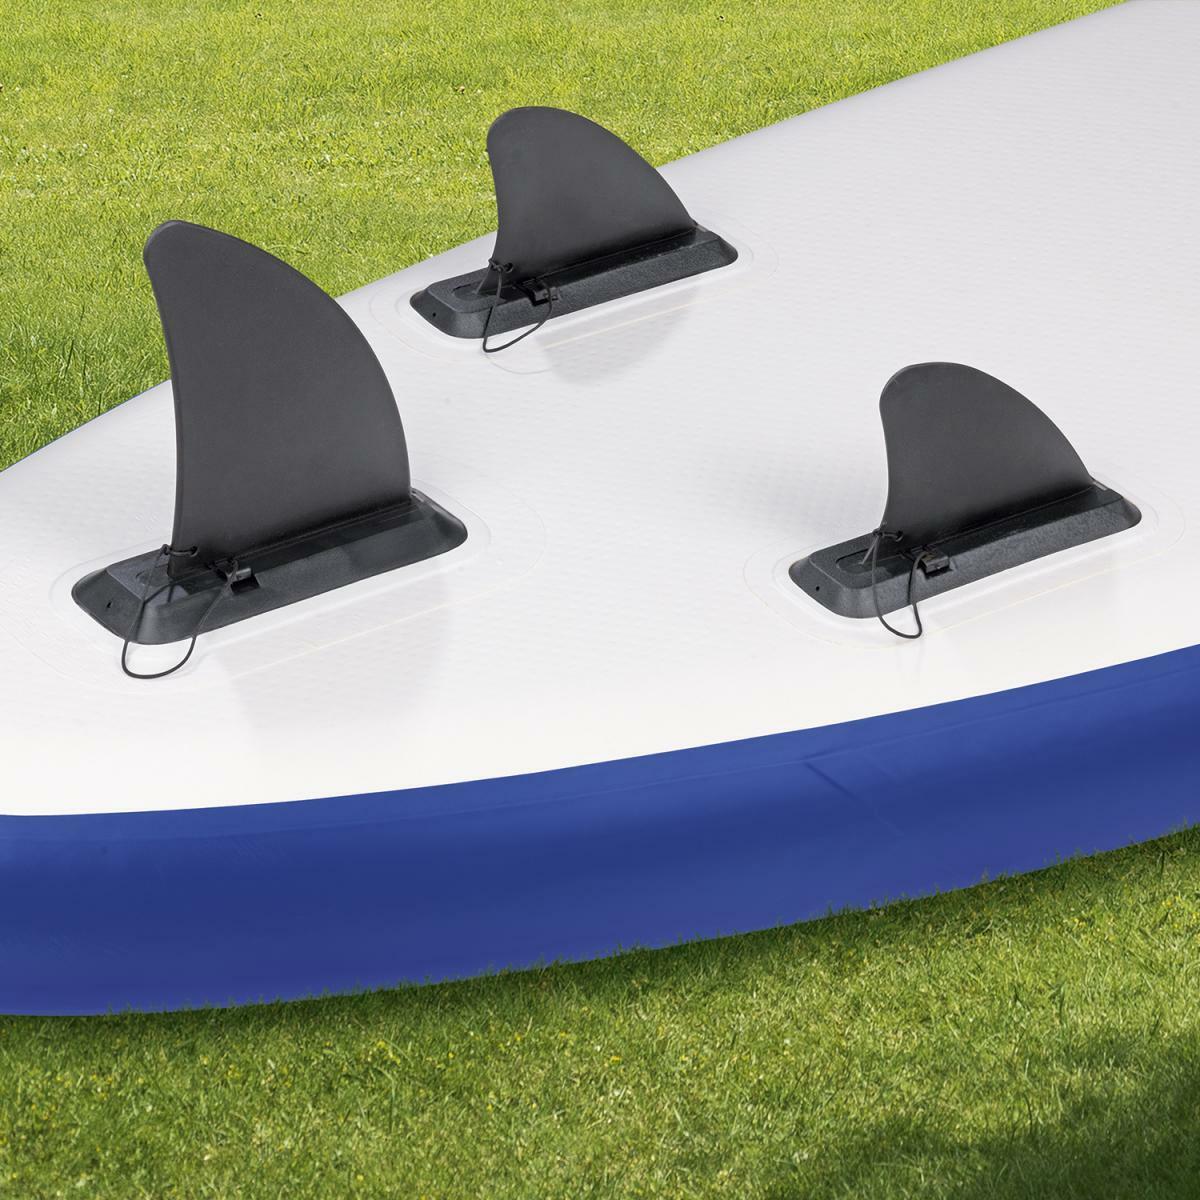 Bild 4 von EASYmaxx Stand-Up Paddle-Board 320cm weiß/blau